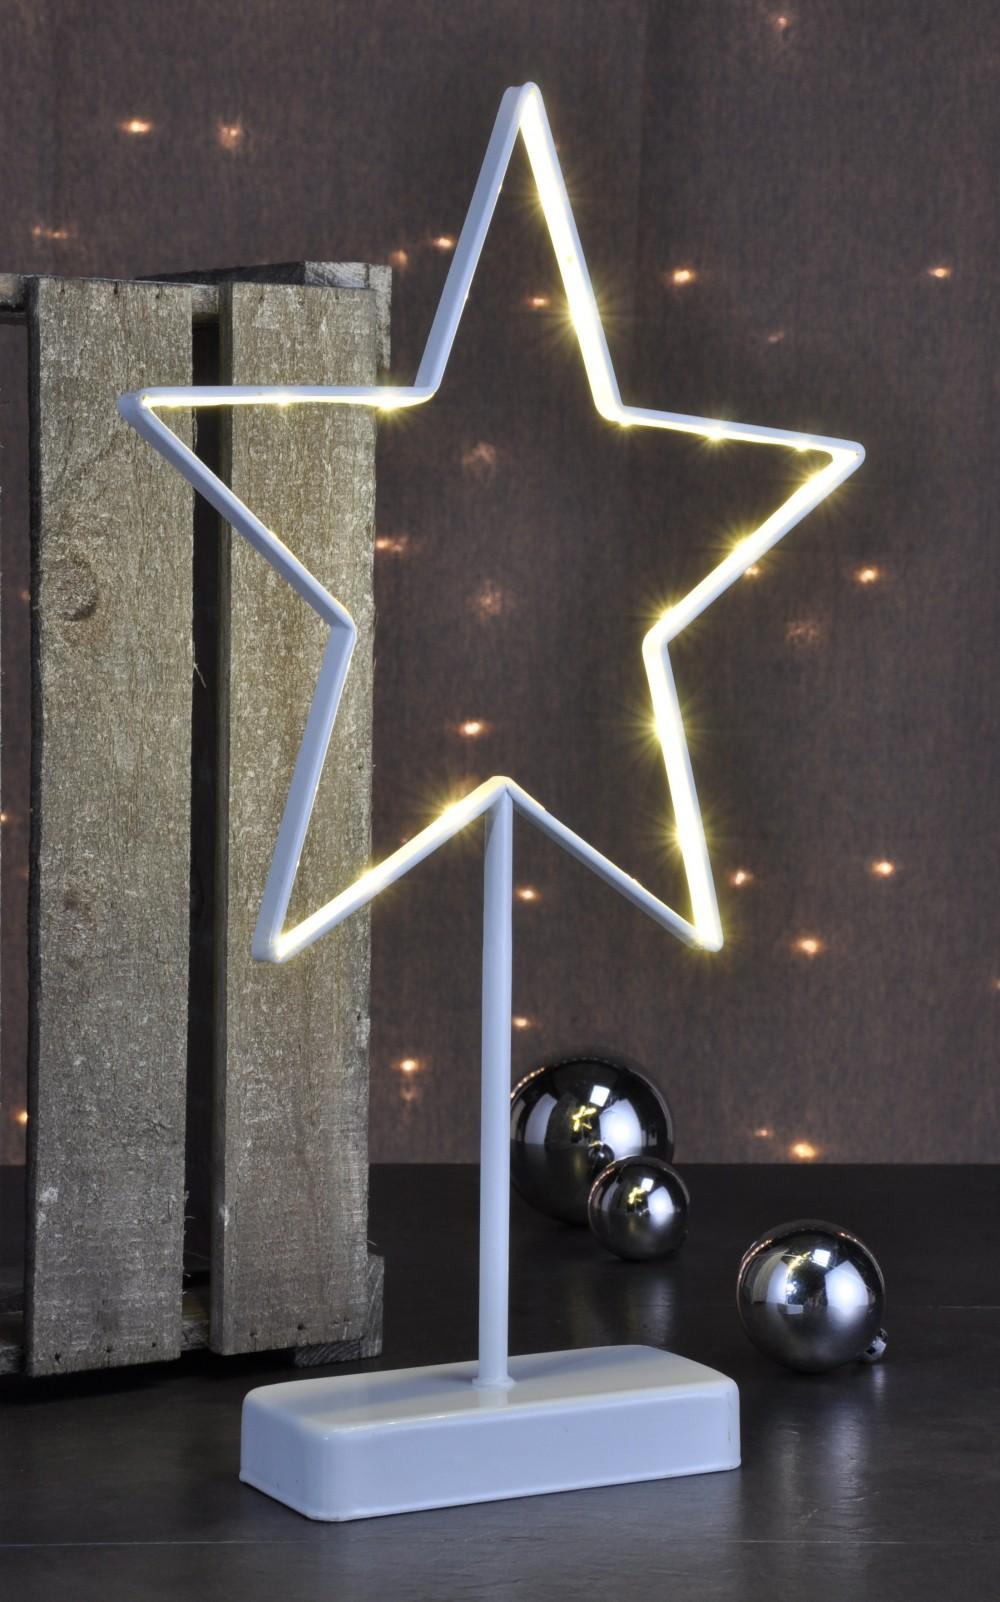 Full Size of Fenster Beleuchtung Metallstern Led Weihnachtsbeleuchtung Weihnachtsdeko Stern Insektenschutz Ohne Bohren Indirekte Wohnzimmer Aron Schallschutz Roro Landhaus Fenster Fenster Beleuchtung